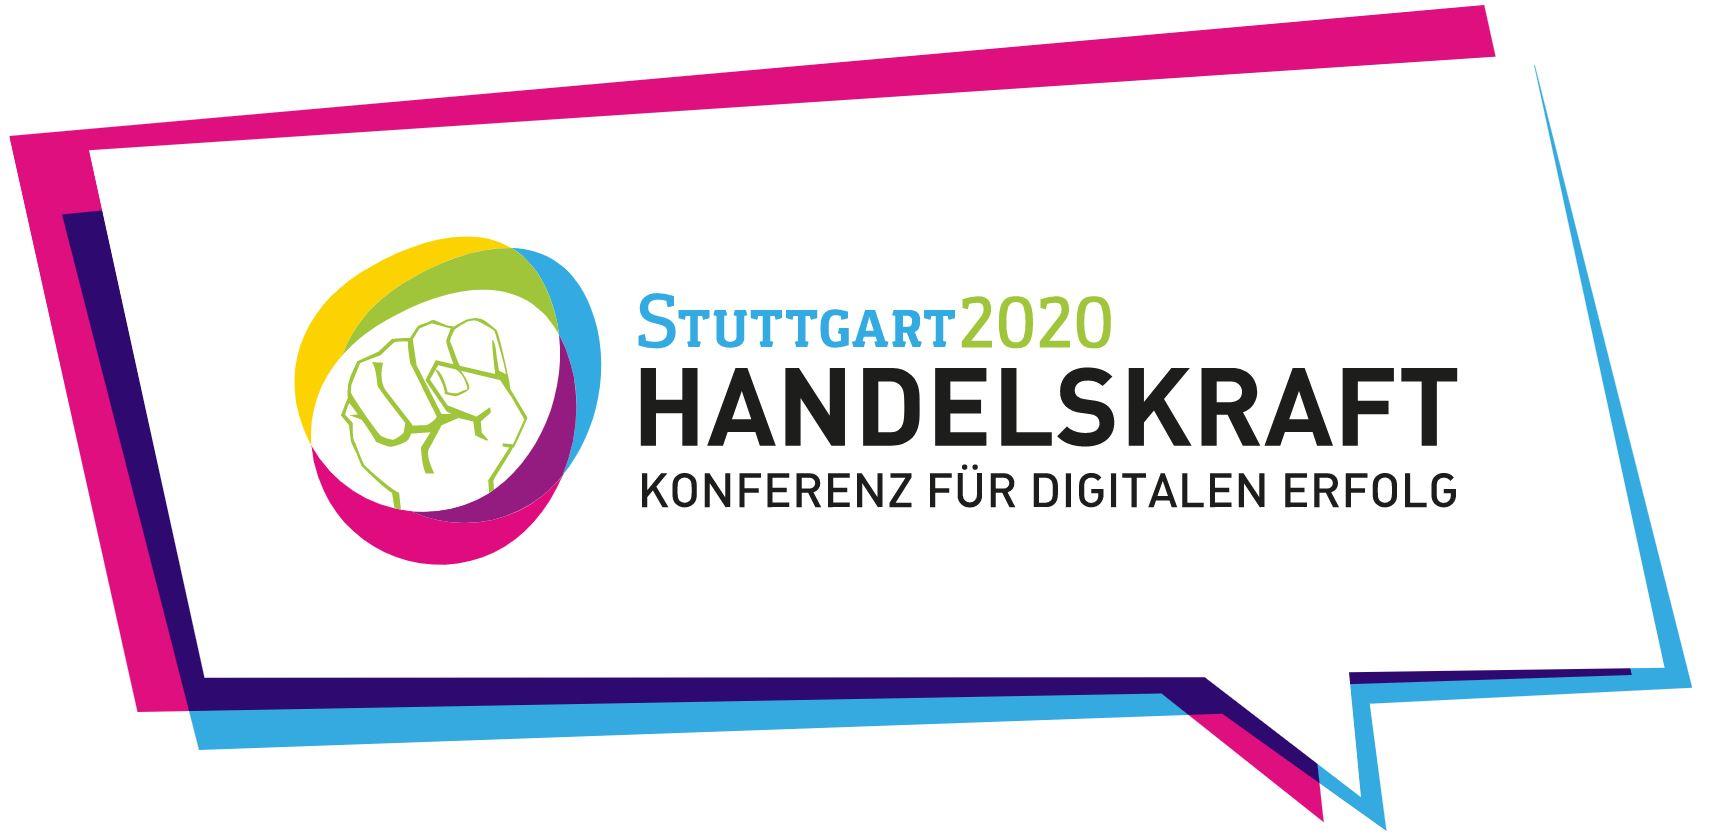 Handelskraft Konferenz 2020